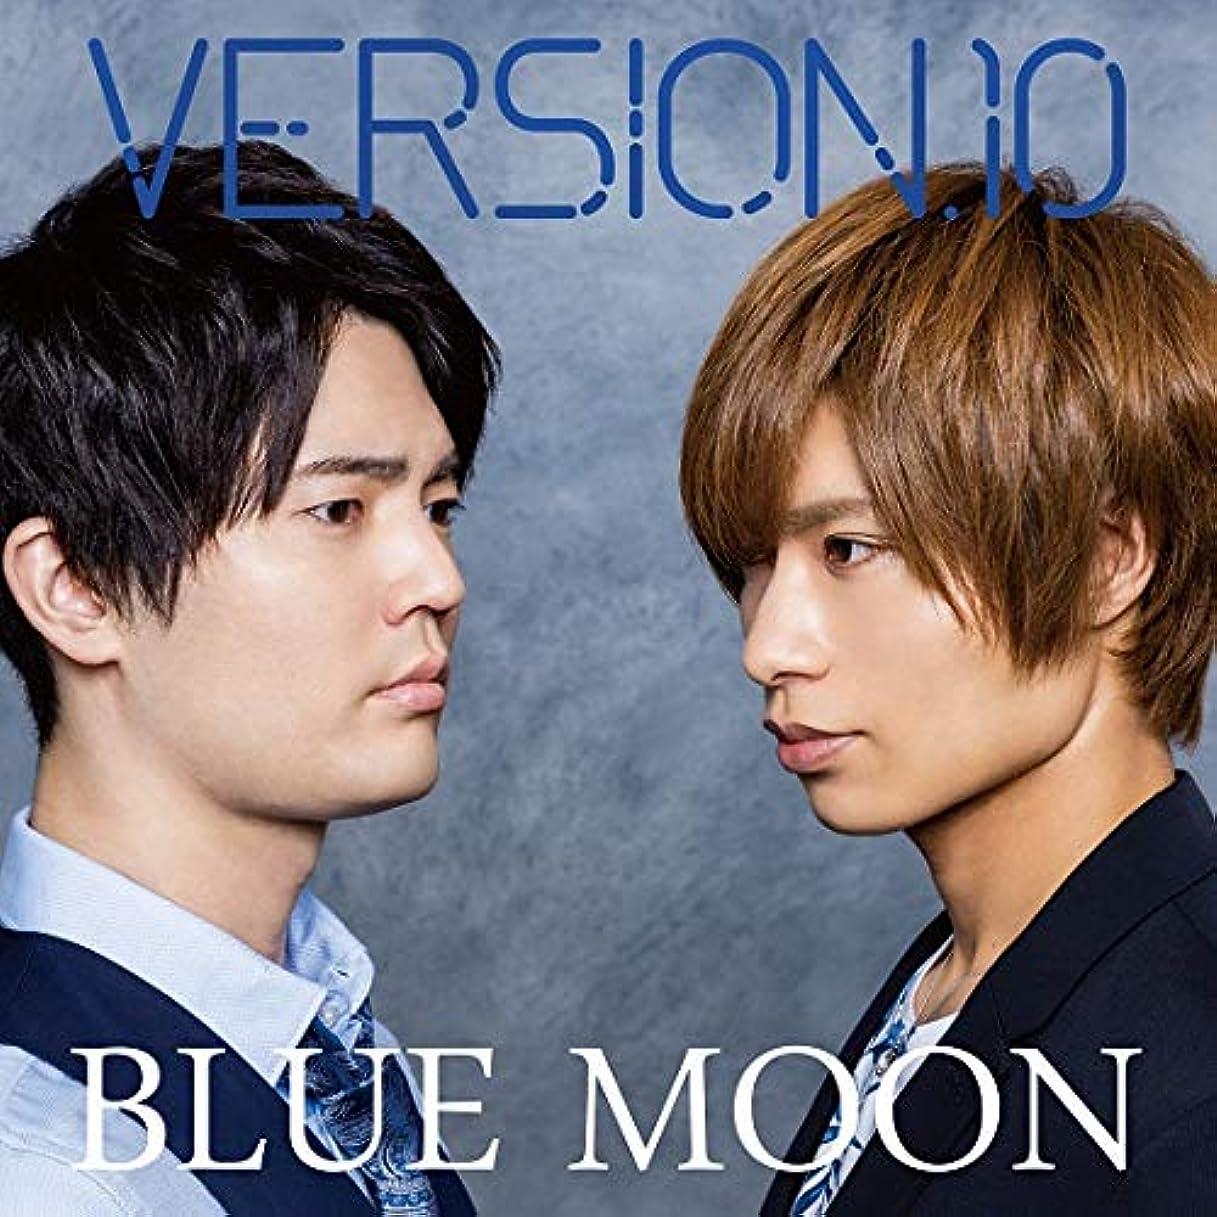 トランジスタポータブルただVERSION.10 1st mini album『BLUE MOON』